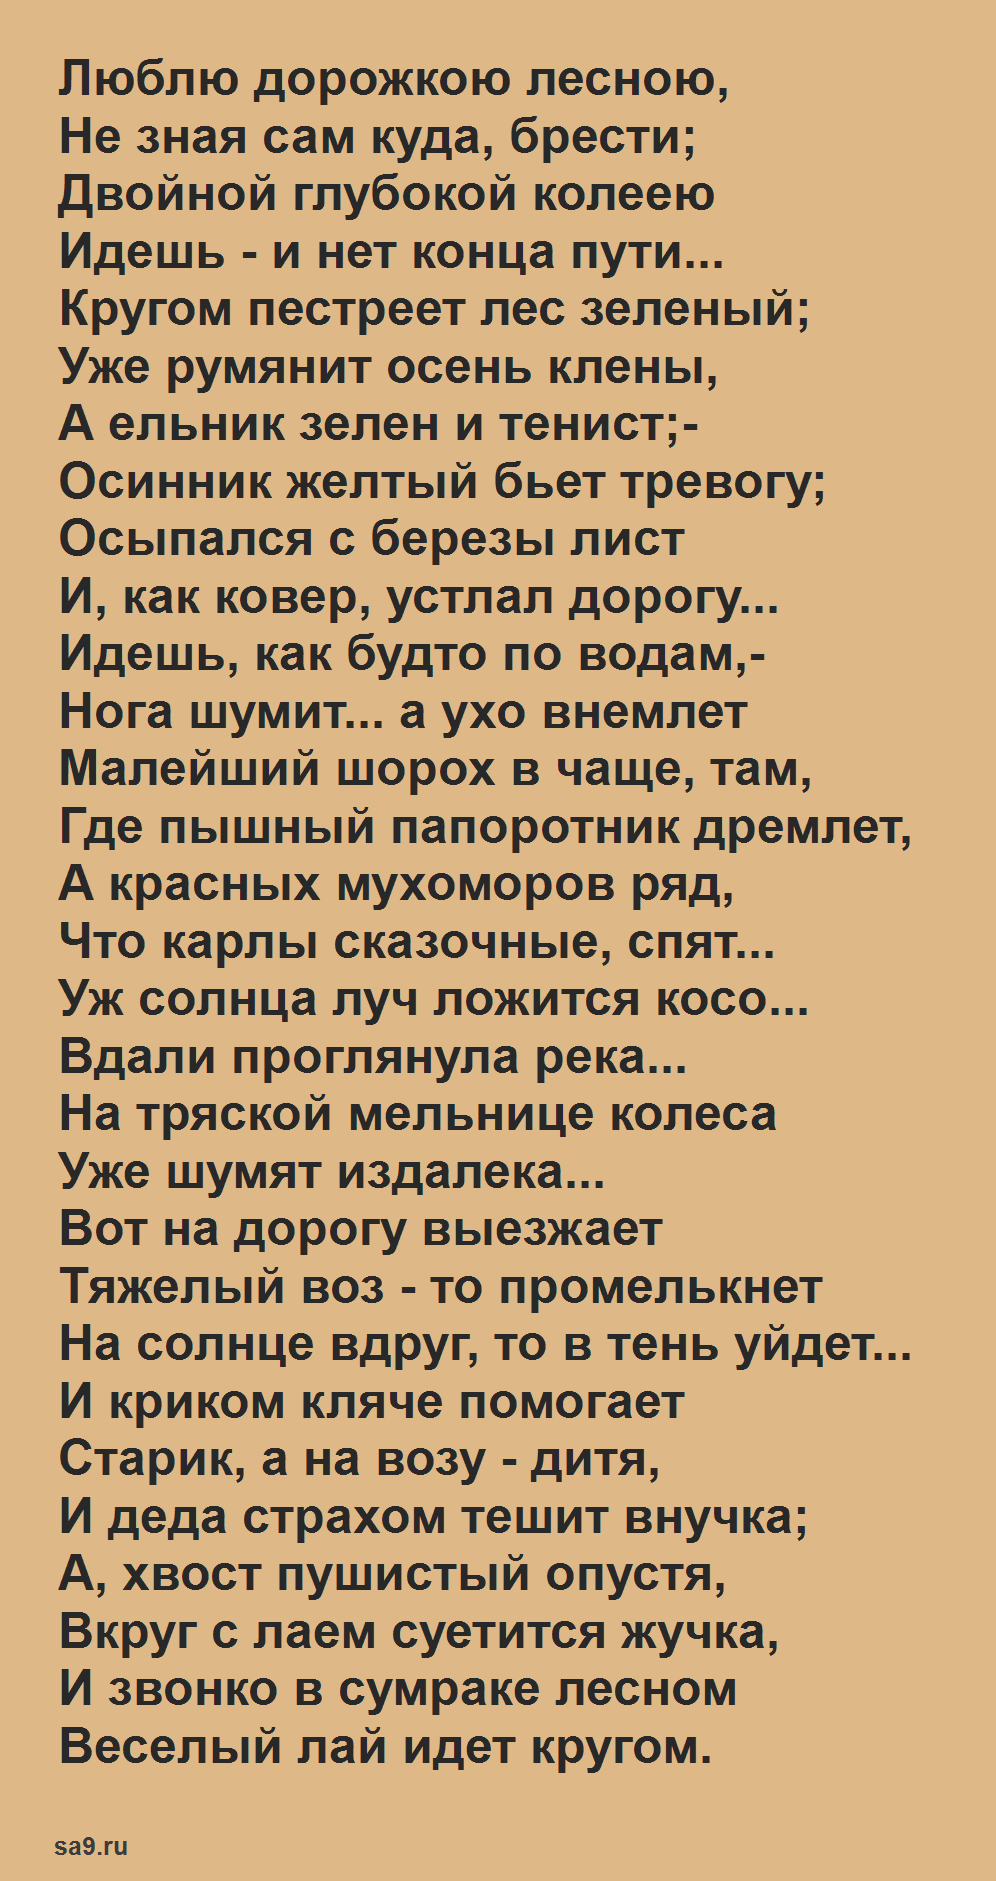 Стих Майкова - Пейзаж